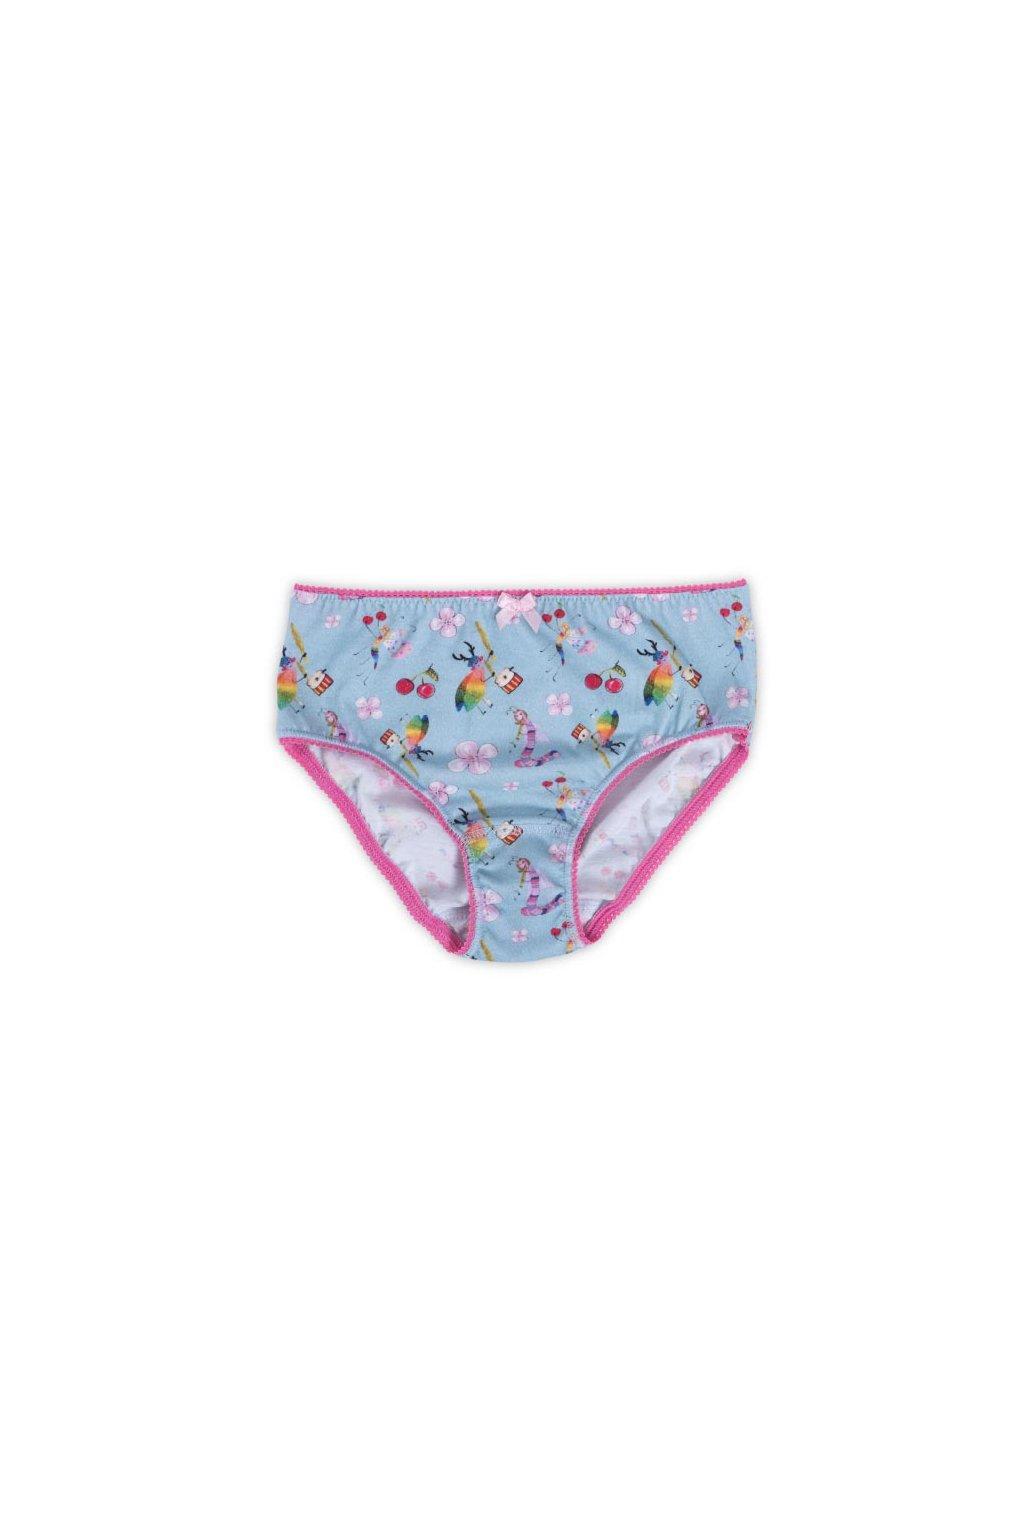 Dívčí kalhotky, 40061 88, tmavě modrá